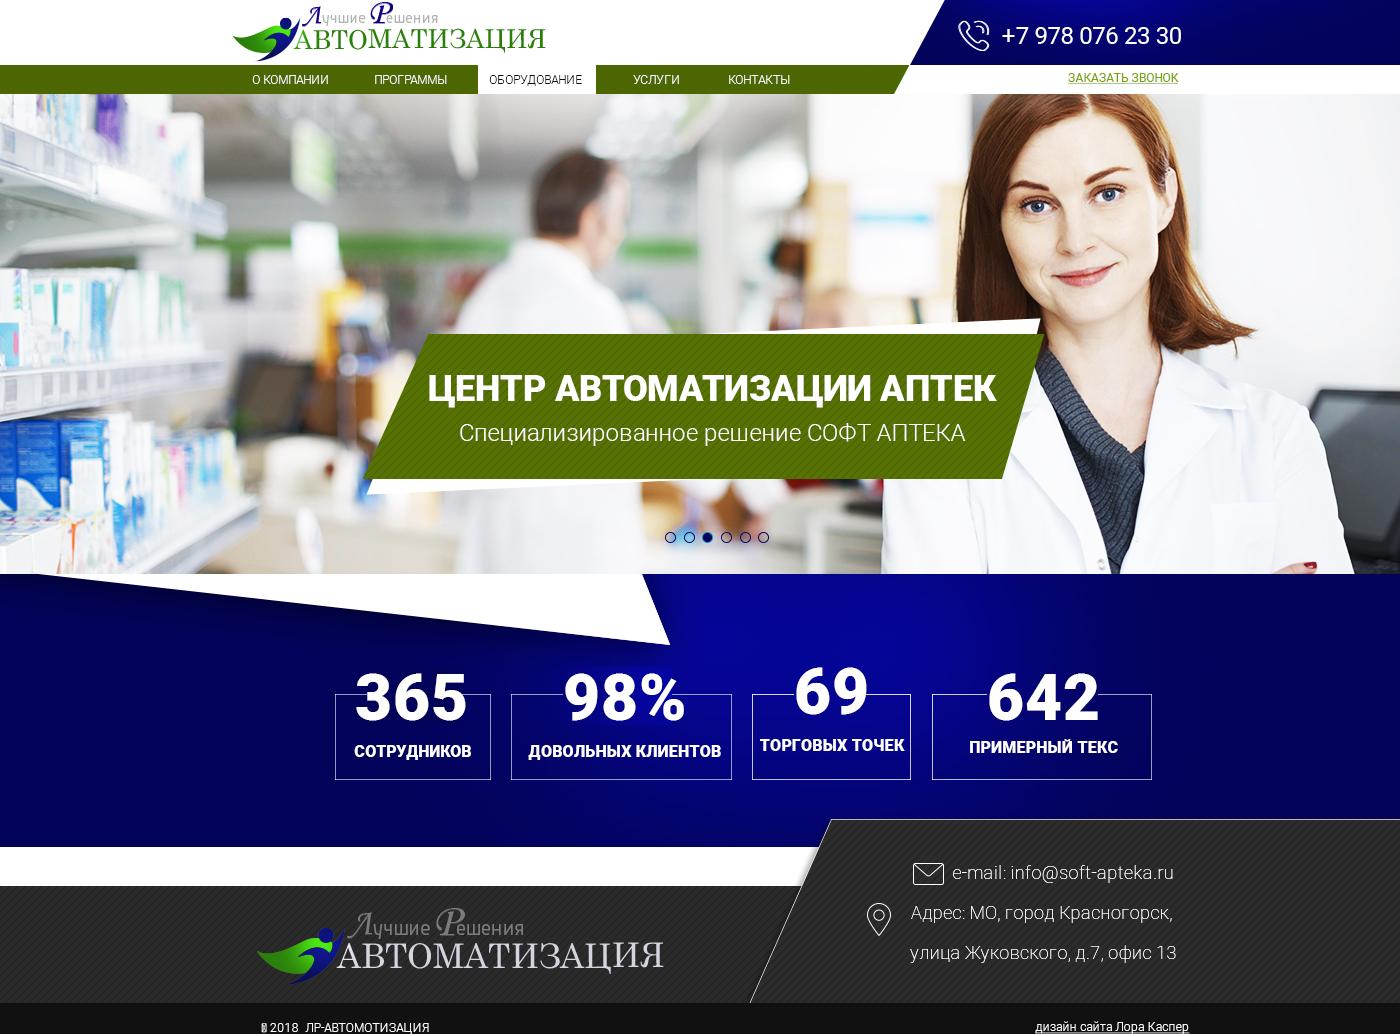 Софт Аптека